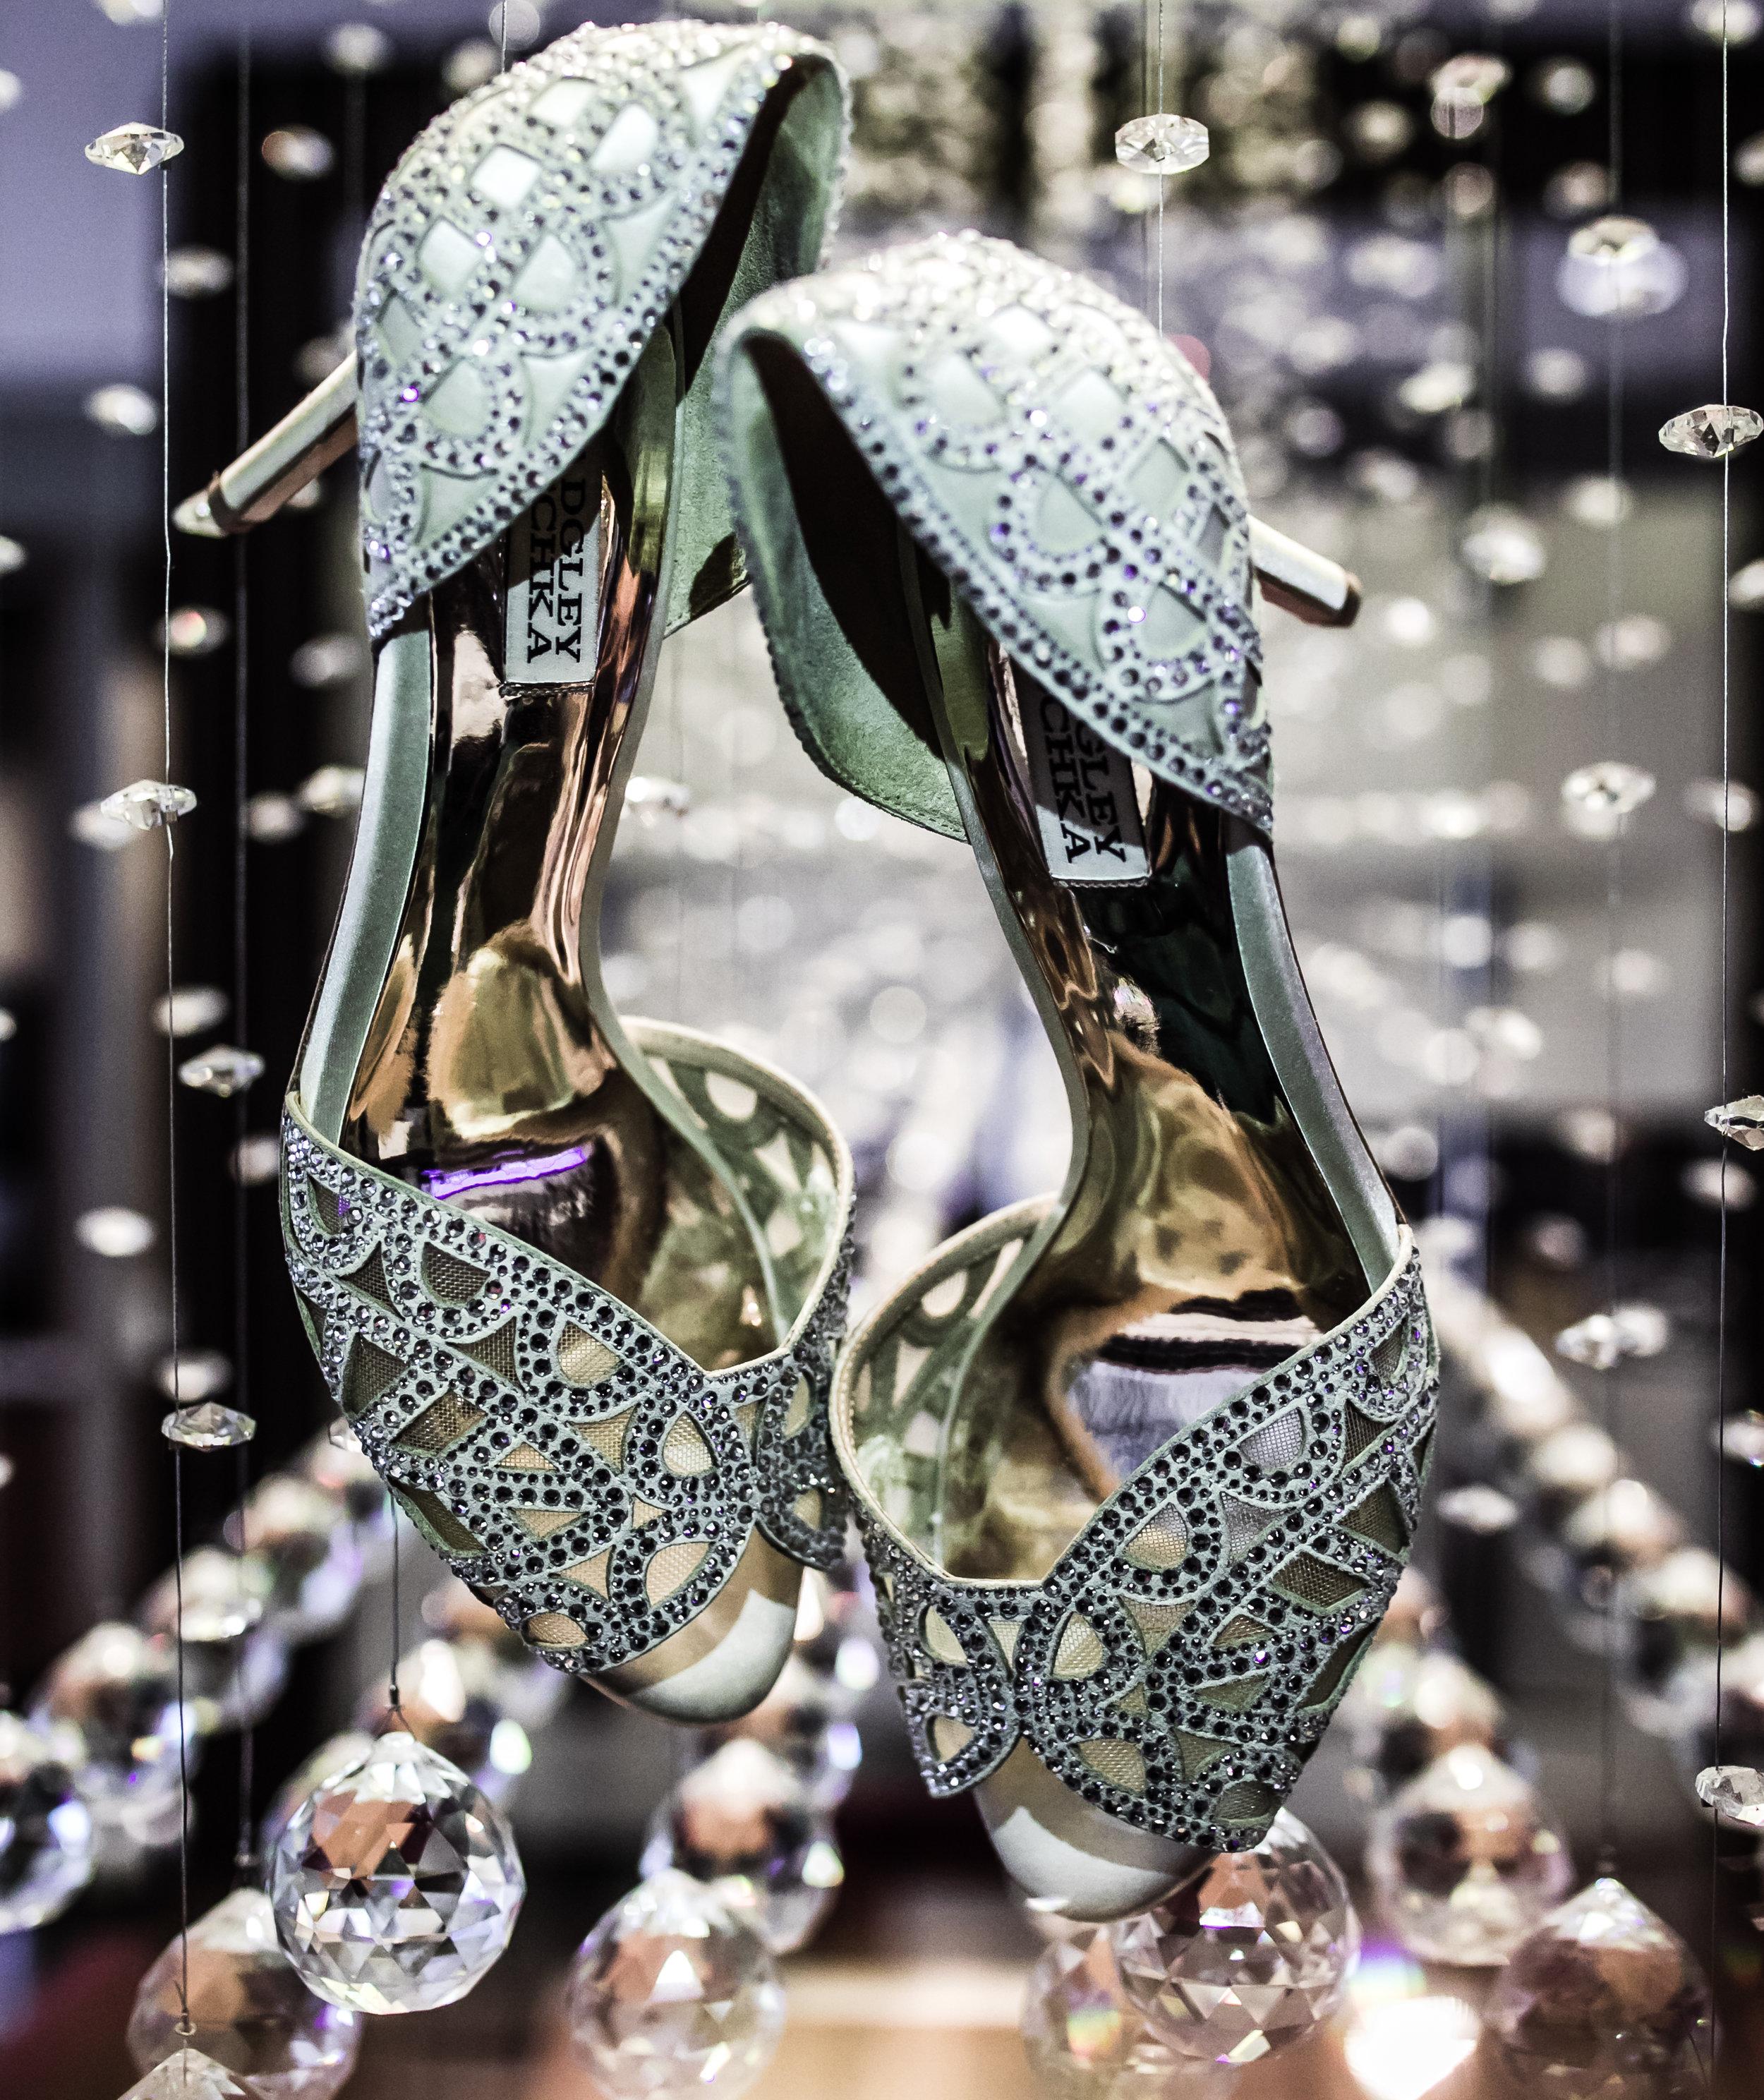 Lauren-ashley-studios-photography-details-shoes.jpg